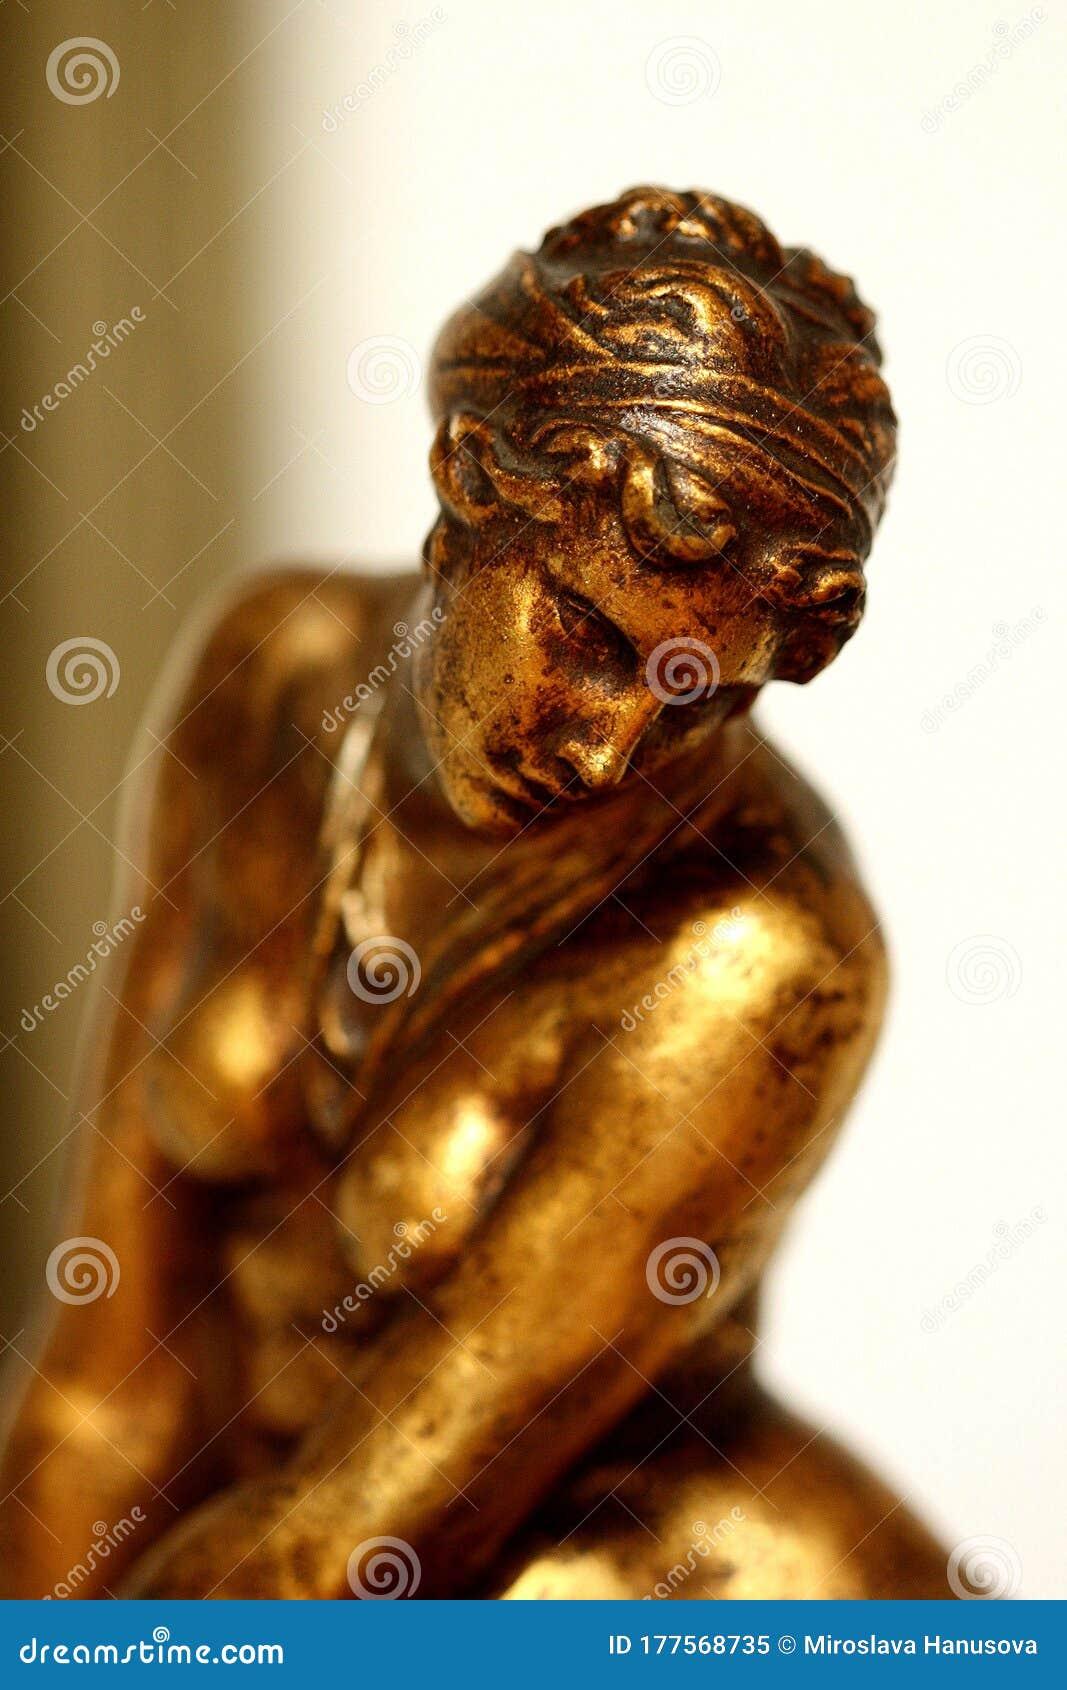 Goddess nude Goddess Nude